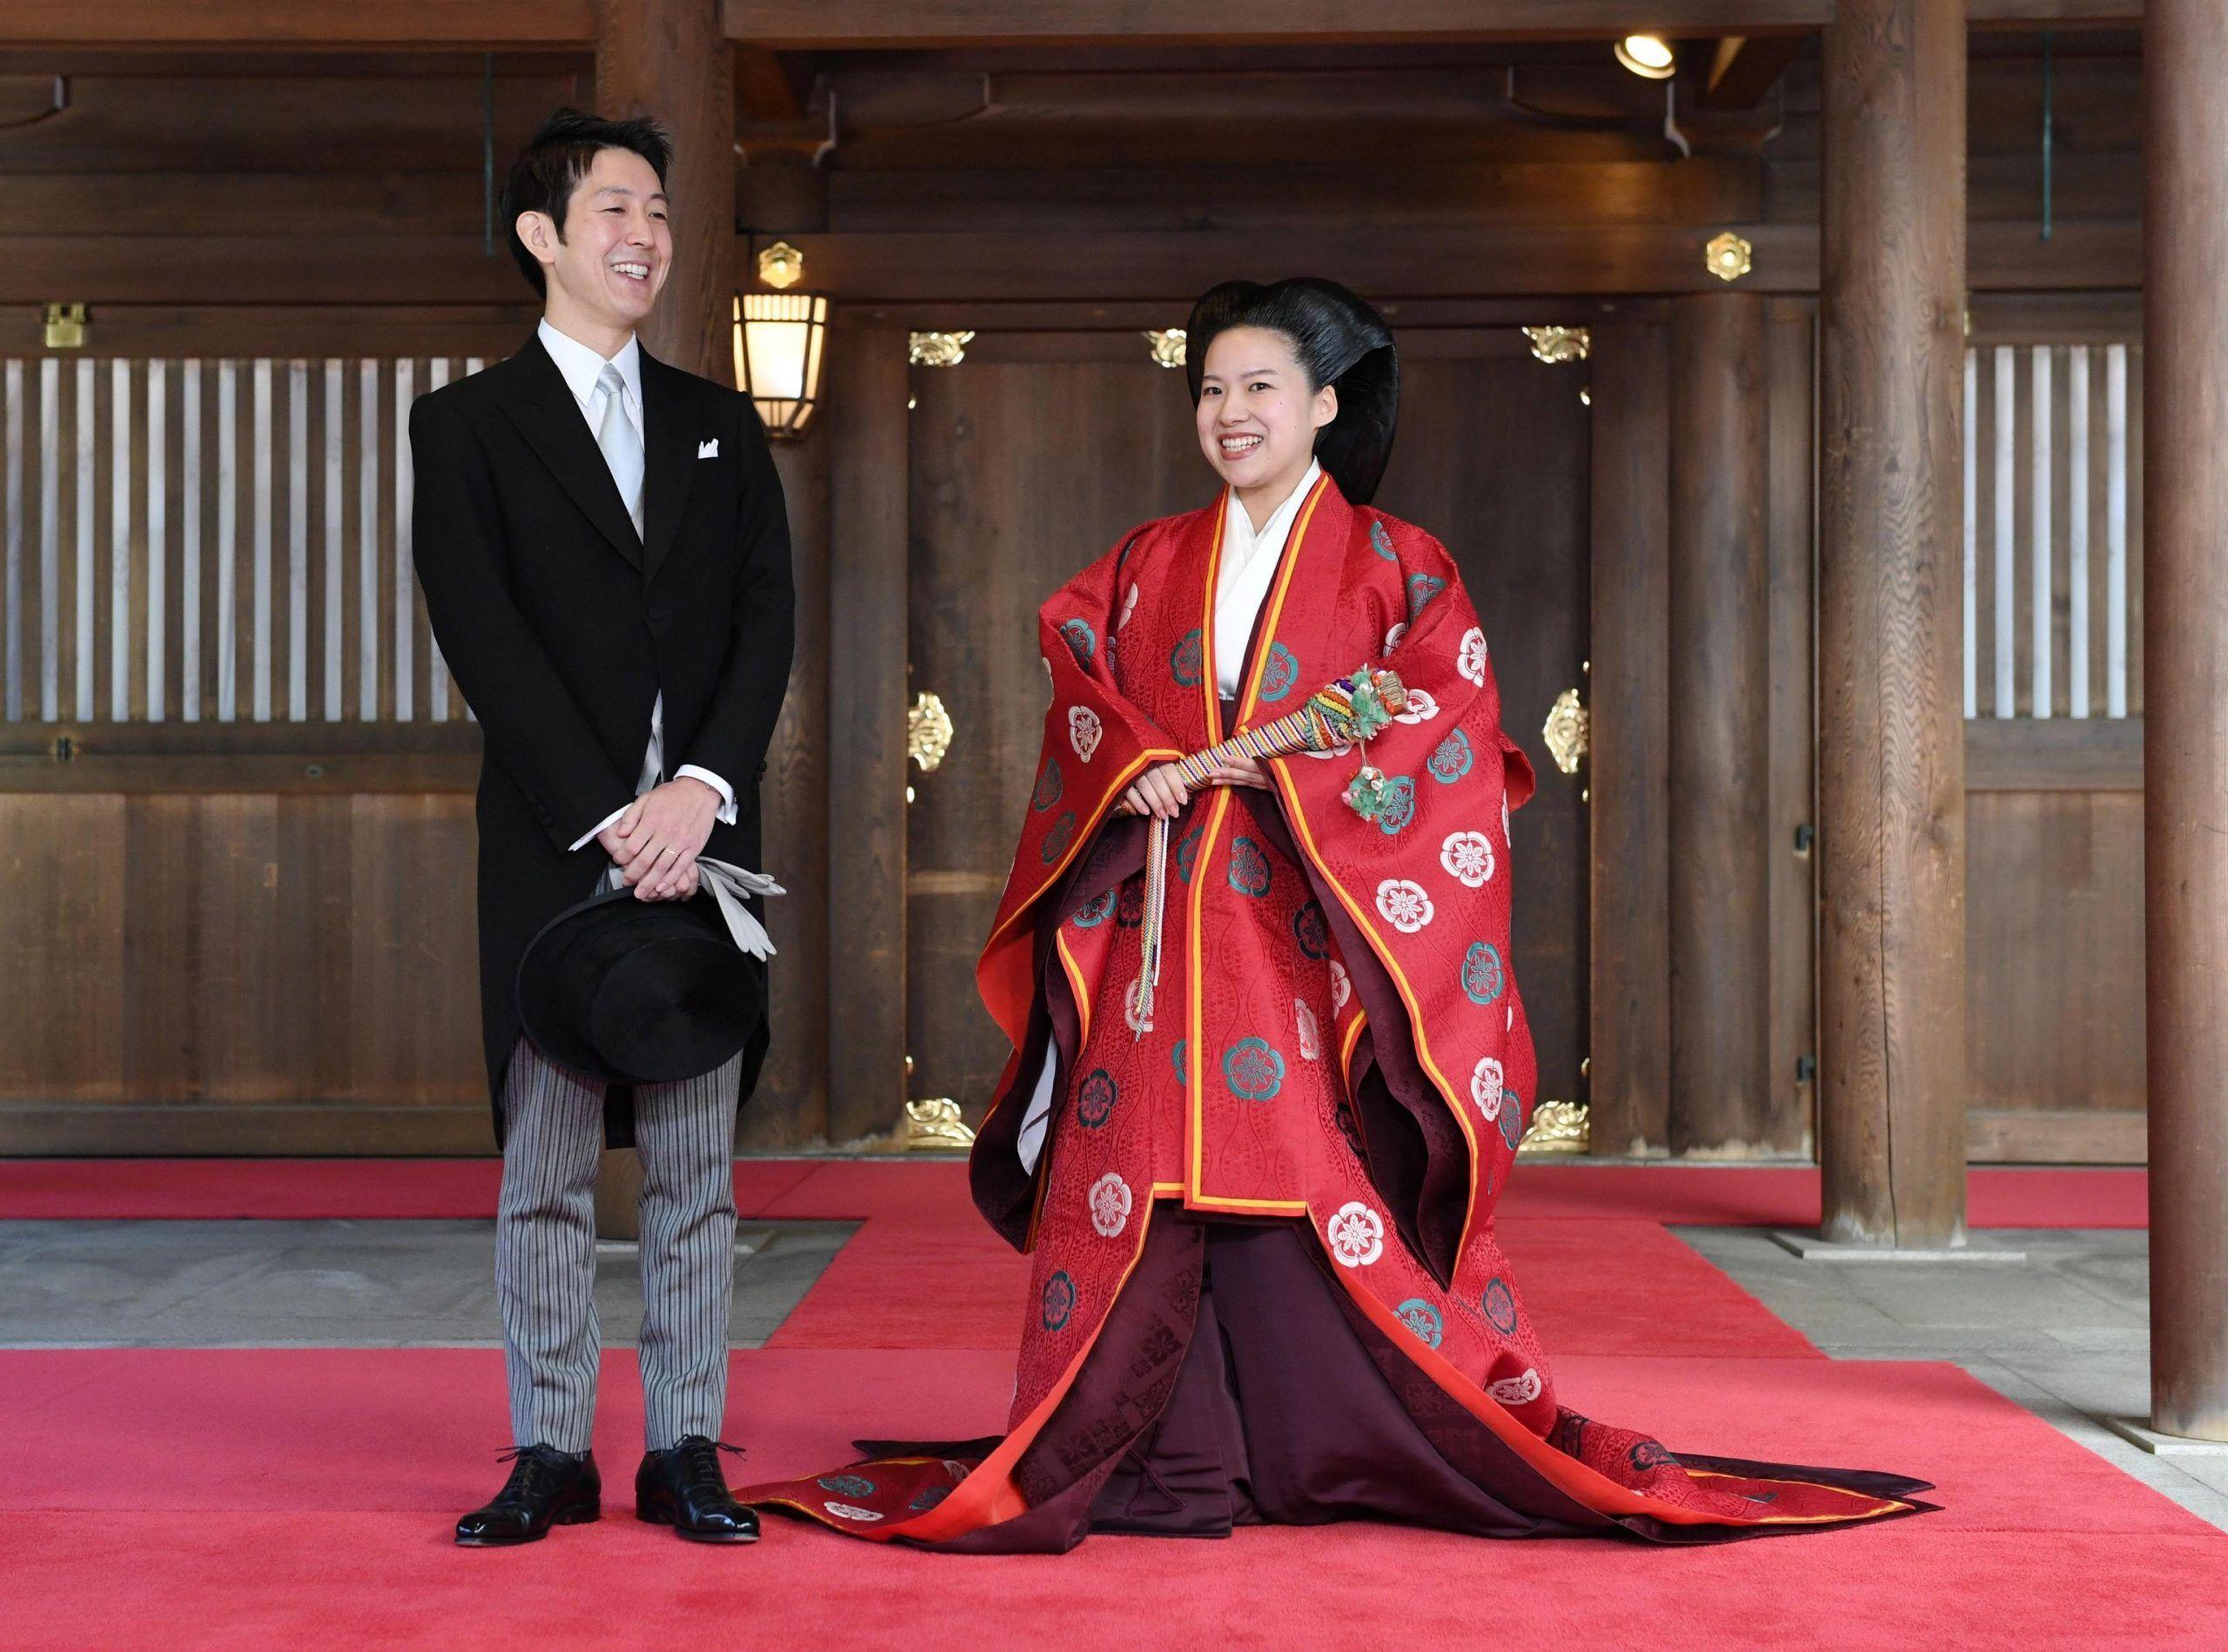 Giappone, la principessa Ayako sposa un impiegato e rinuncia al titolo